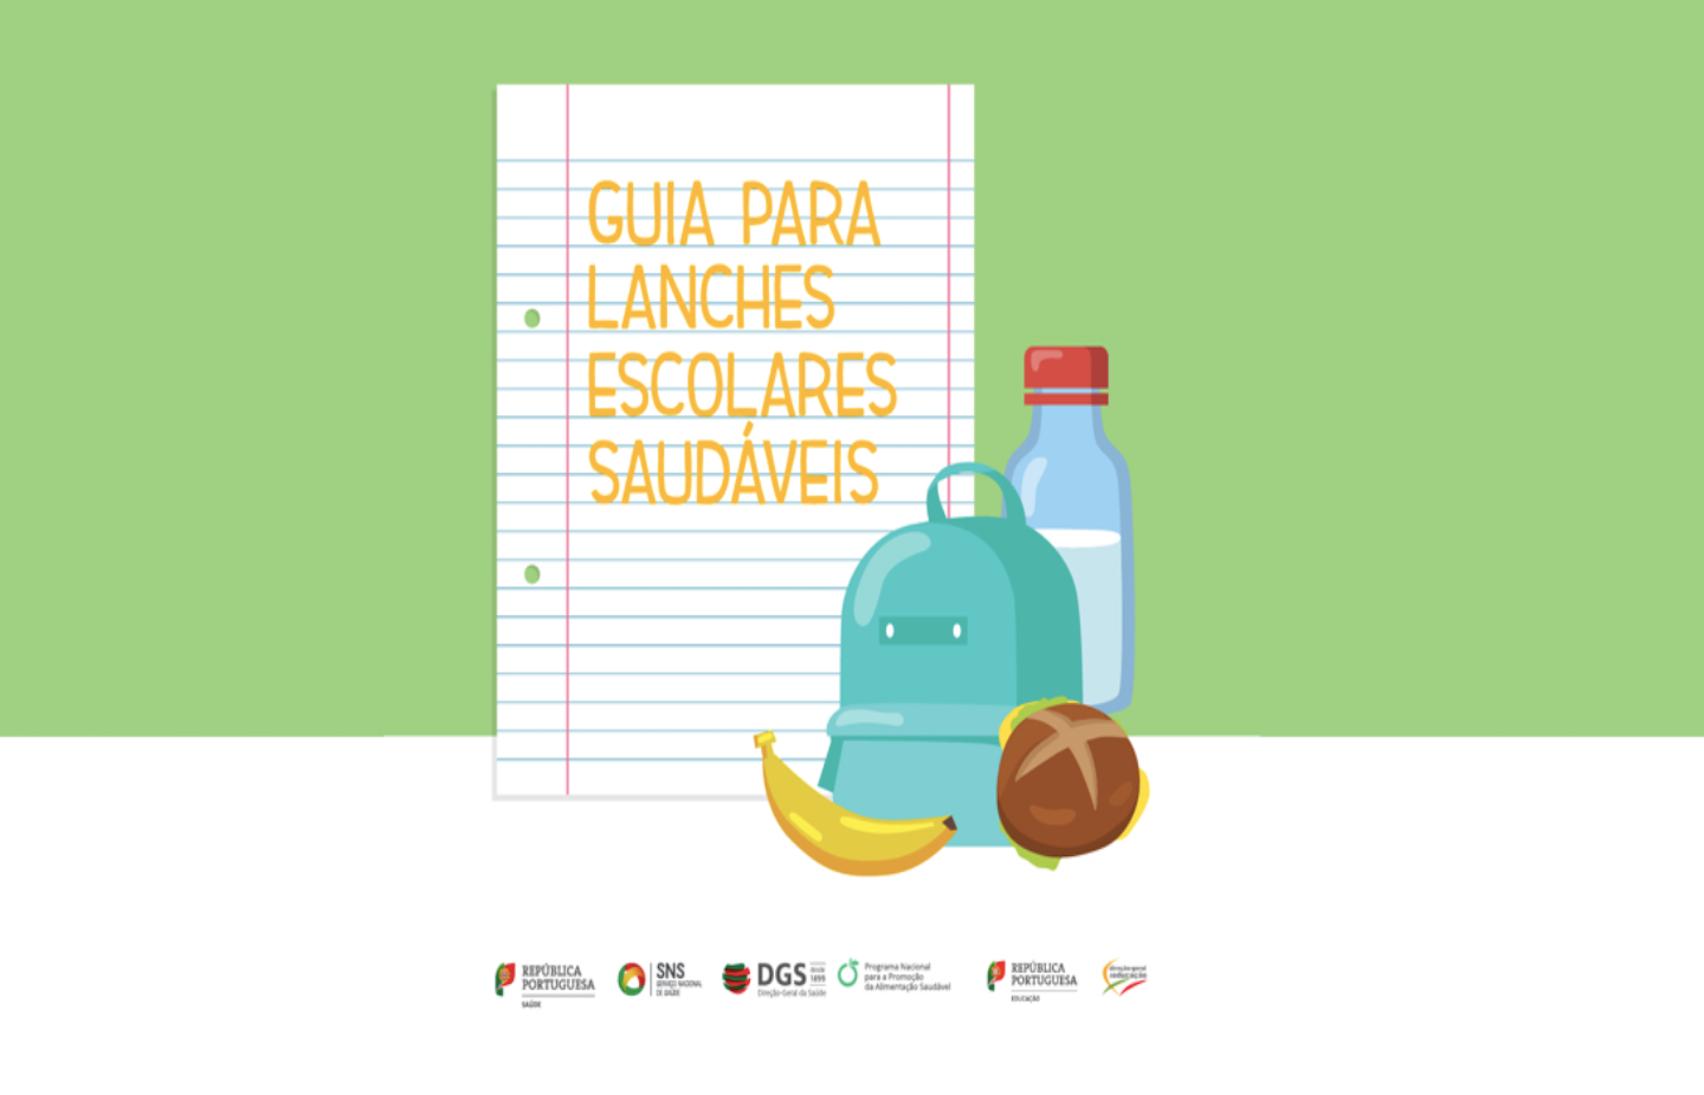 Guia para lanches escolares saudáveis | in Nutrimento